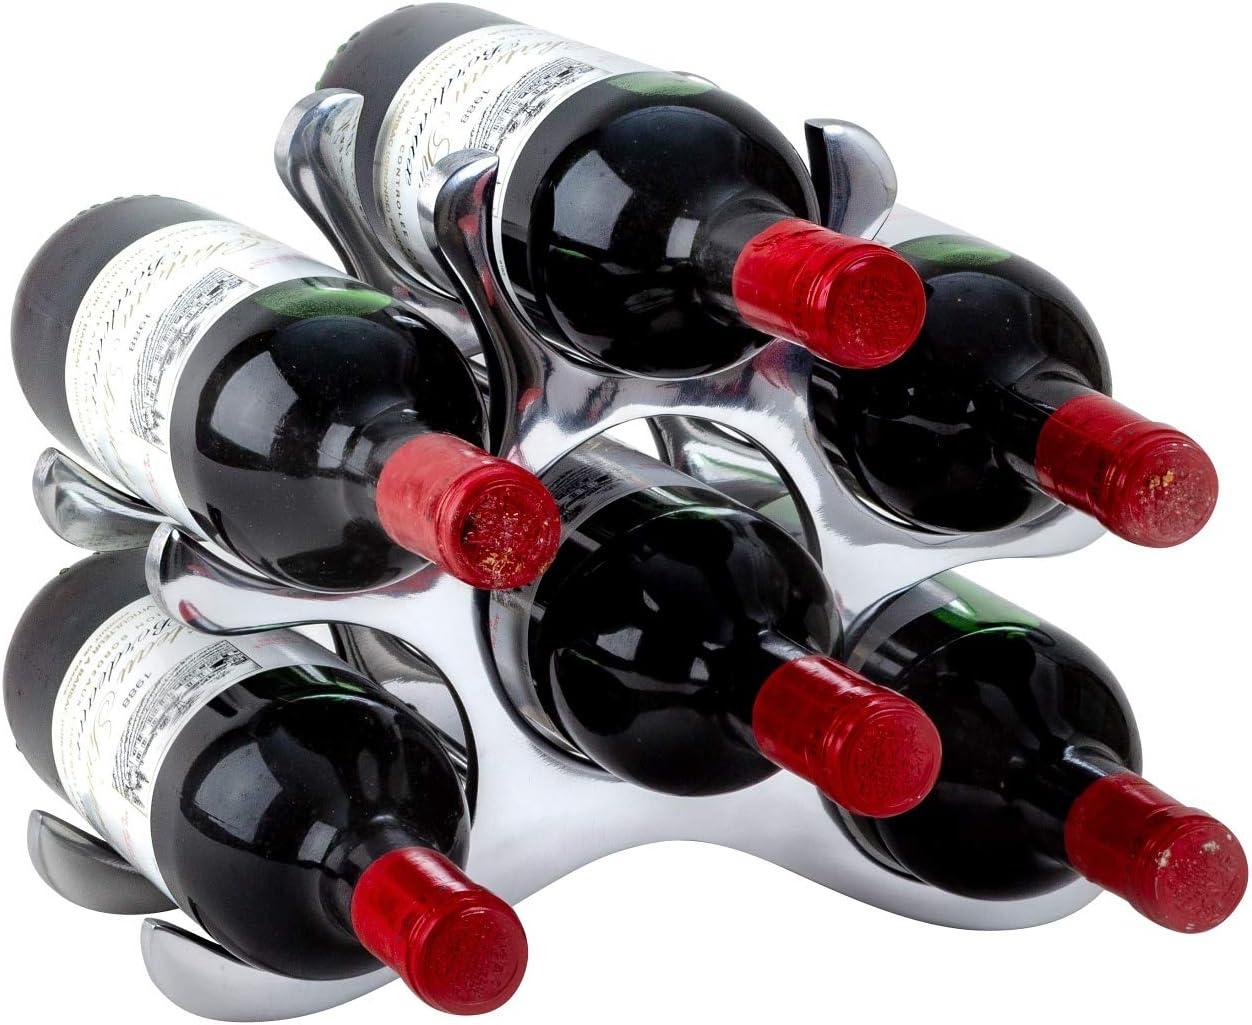 Lifestyle /& More Modernes Weinregal Flaschenhalter zur Ablage von 6 Flaschen aus Metall H/öhe 22 cm Breite 28 cm